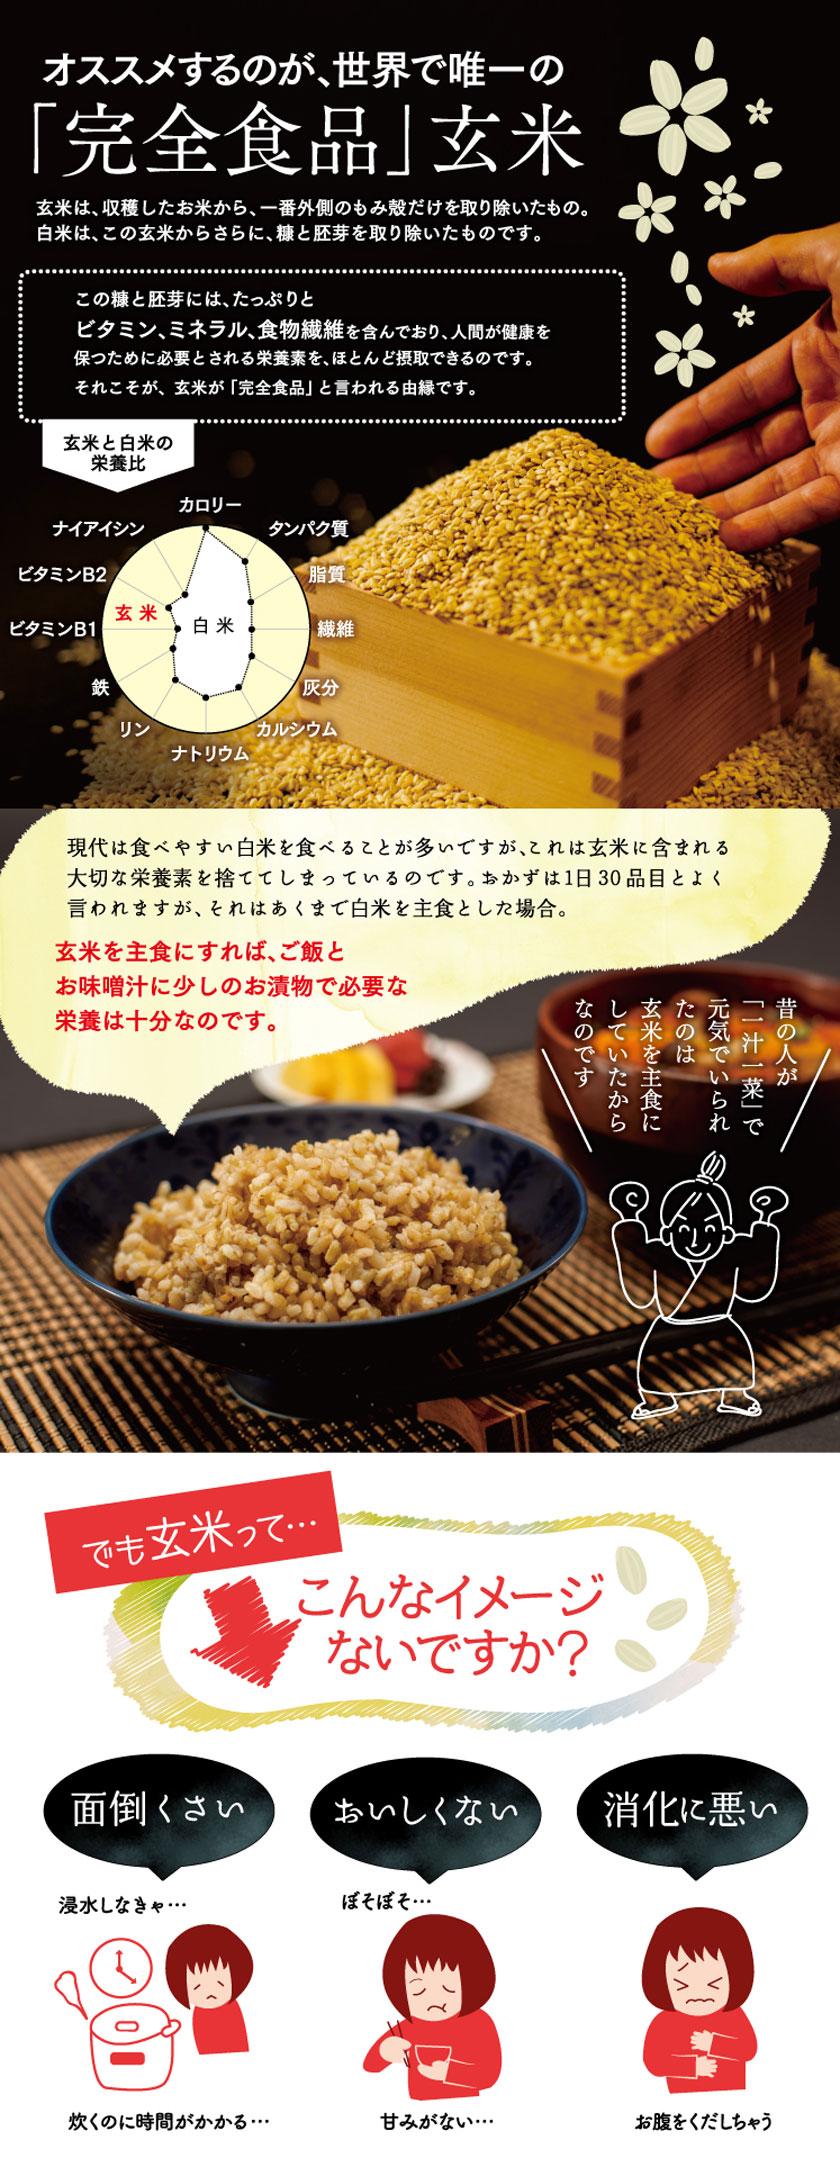 オススメするのが、世界で唯一の完全食品玄米